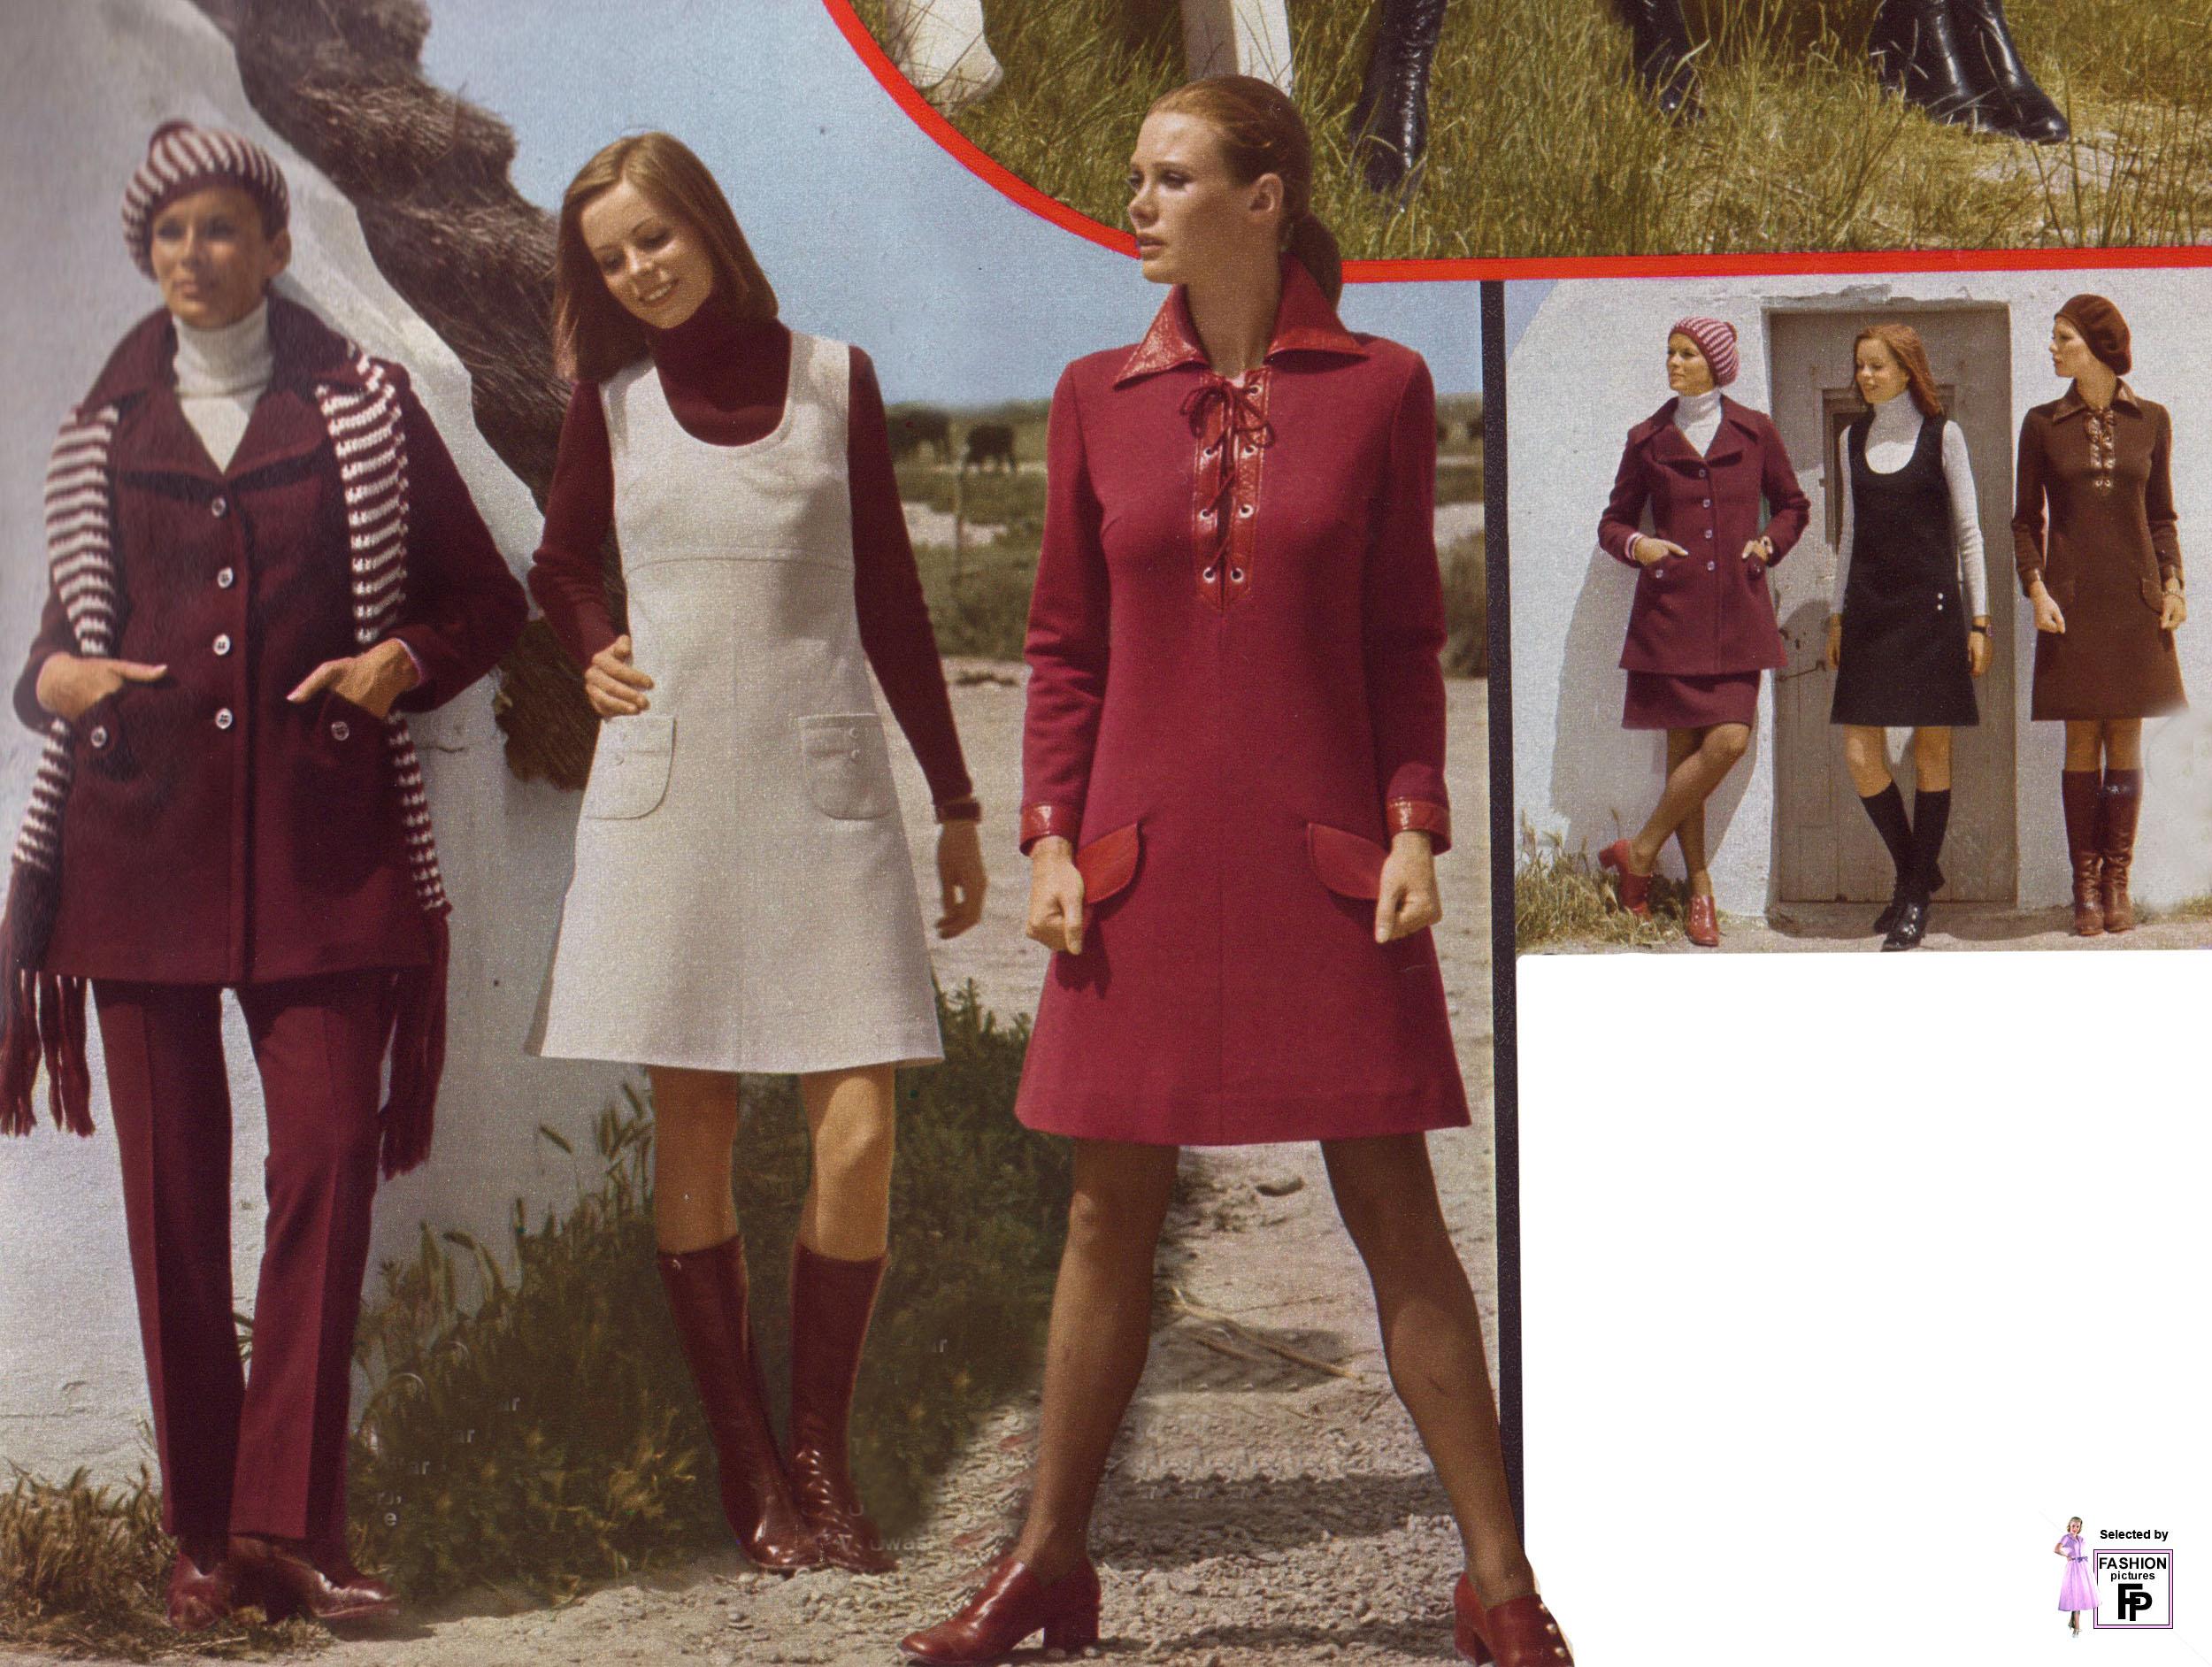 1970s Fashion 1970 2 Qu 0019